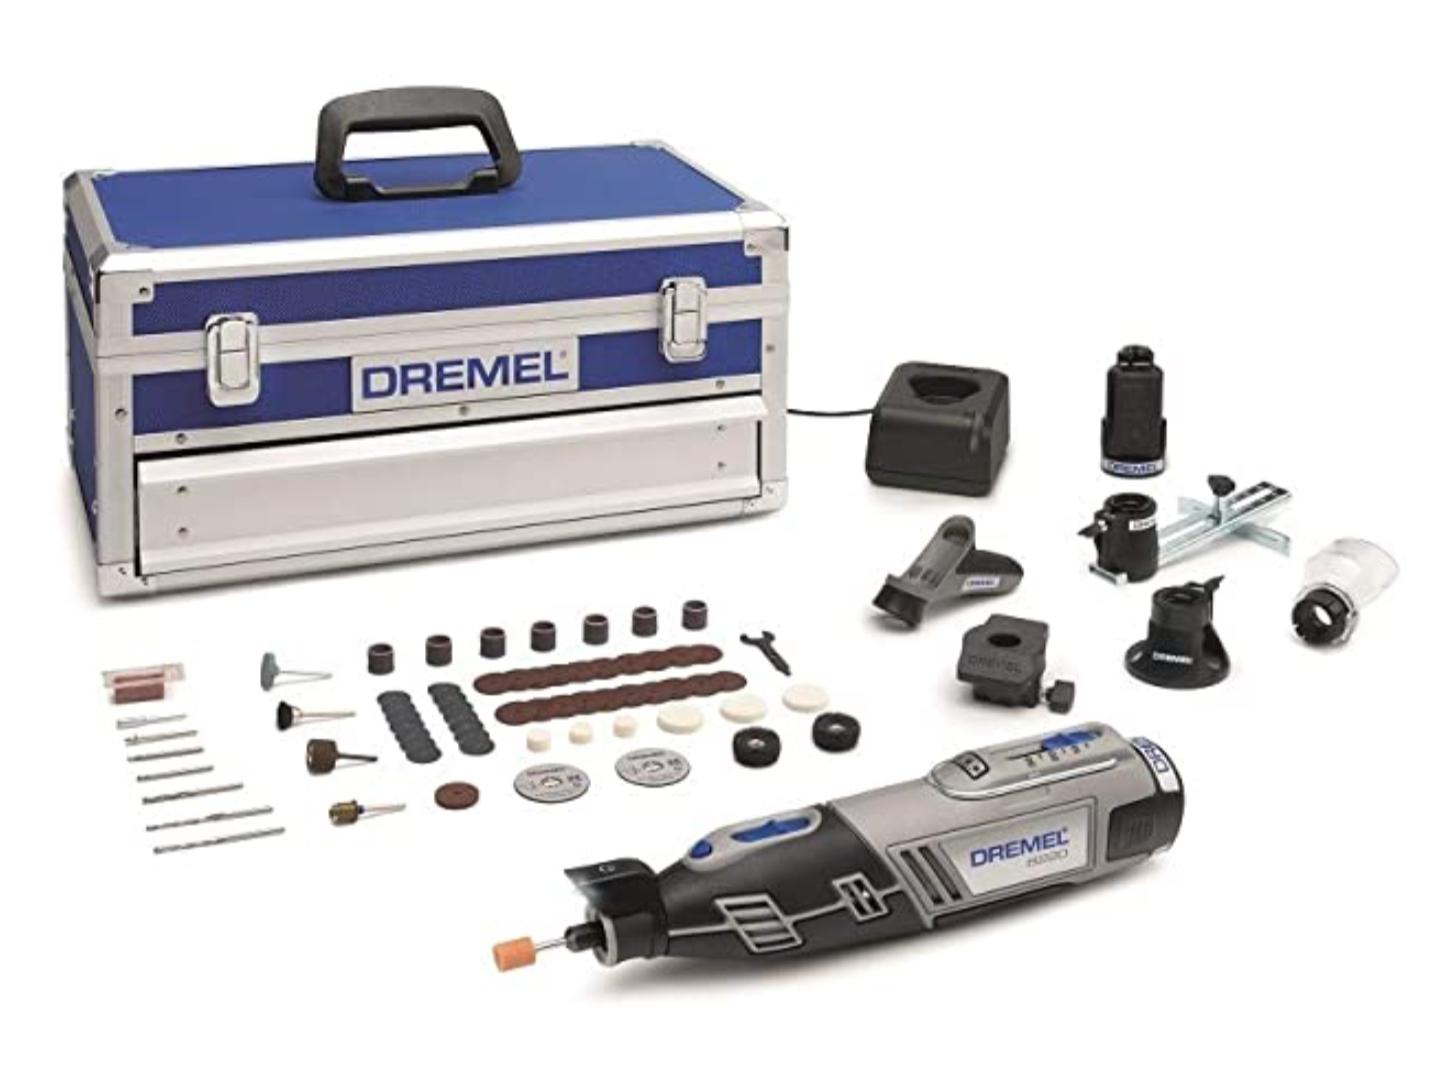 Dremel Platin Edition 8220 Akku Multifunktionswerkzeug (12V, Set mit 5 Vorsatzgeräten, 65 Zubehörteilen,Variable Drehzal 5.000-33.000 U/min)